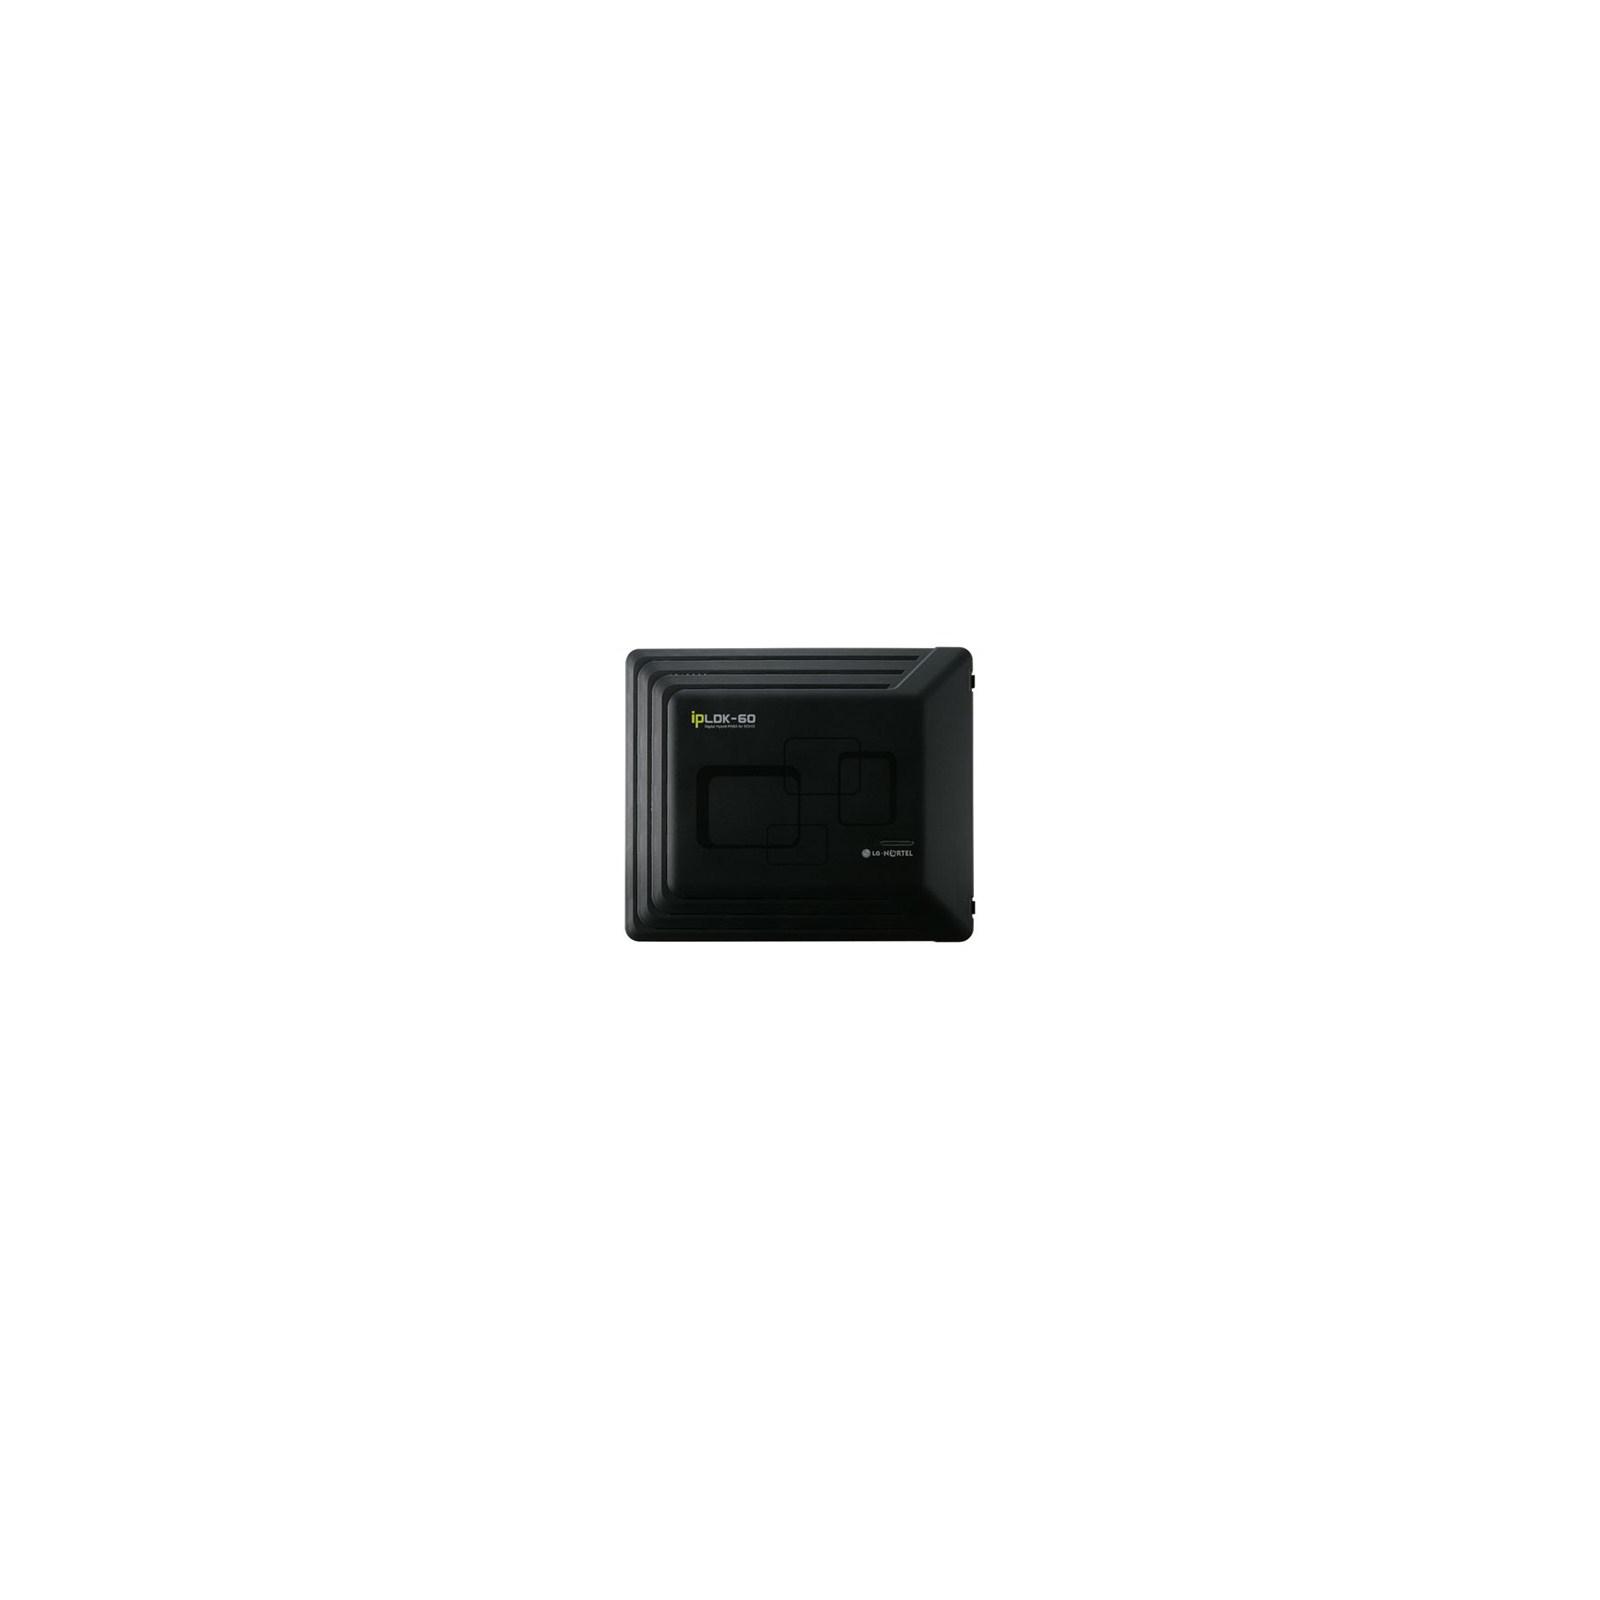 Оборудование для АТС LG L60-SLIB8